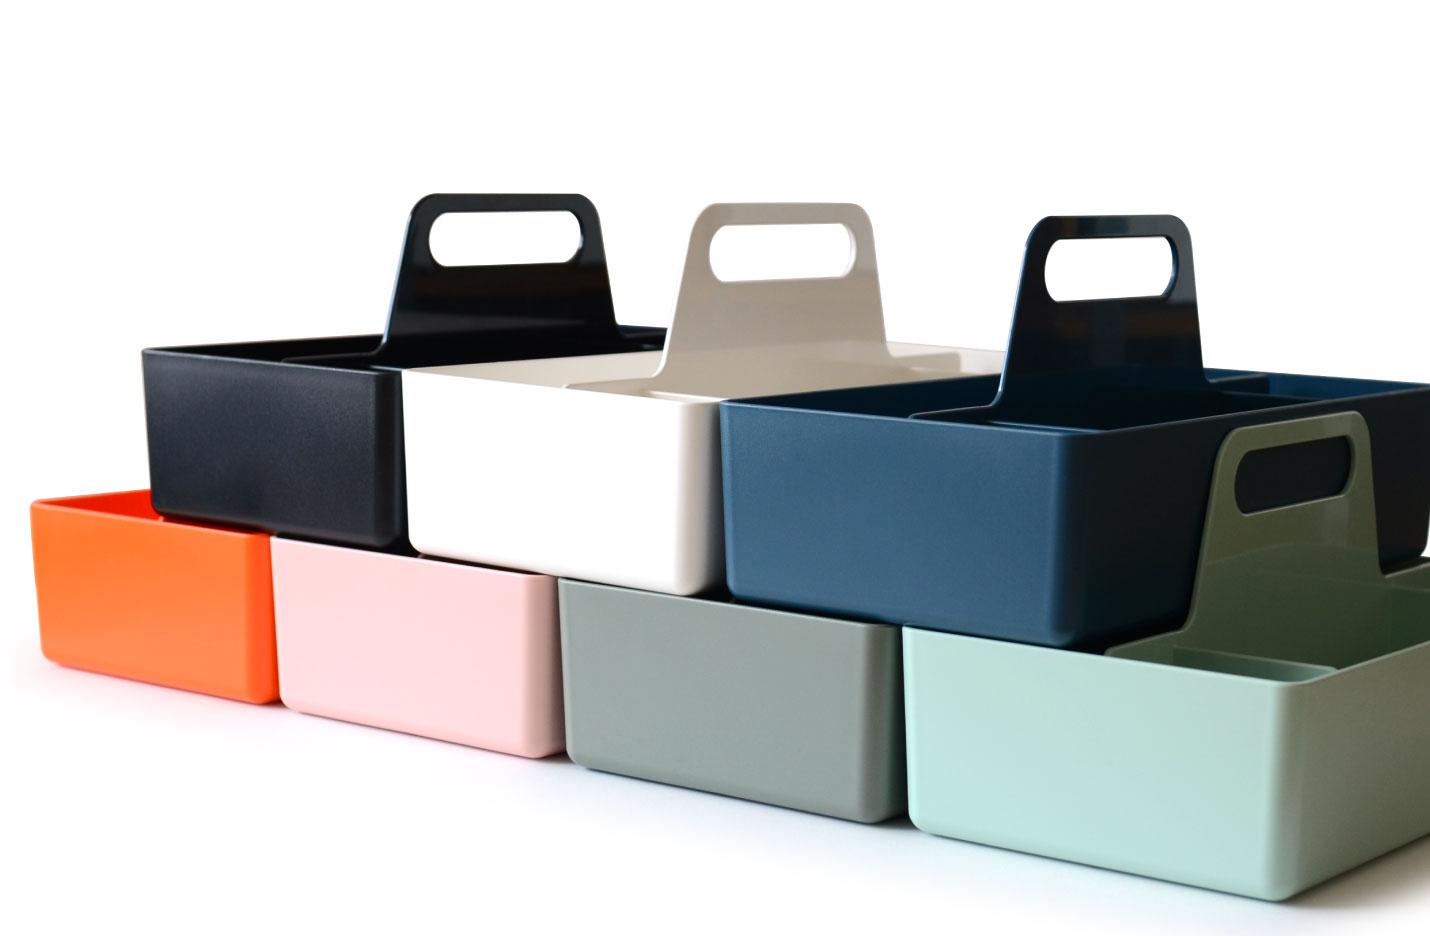 ヴィトラ(Vitra)ツールボックス(Toolbox)の表面はややマットな質感